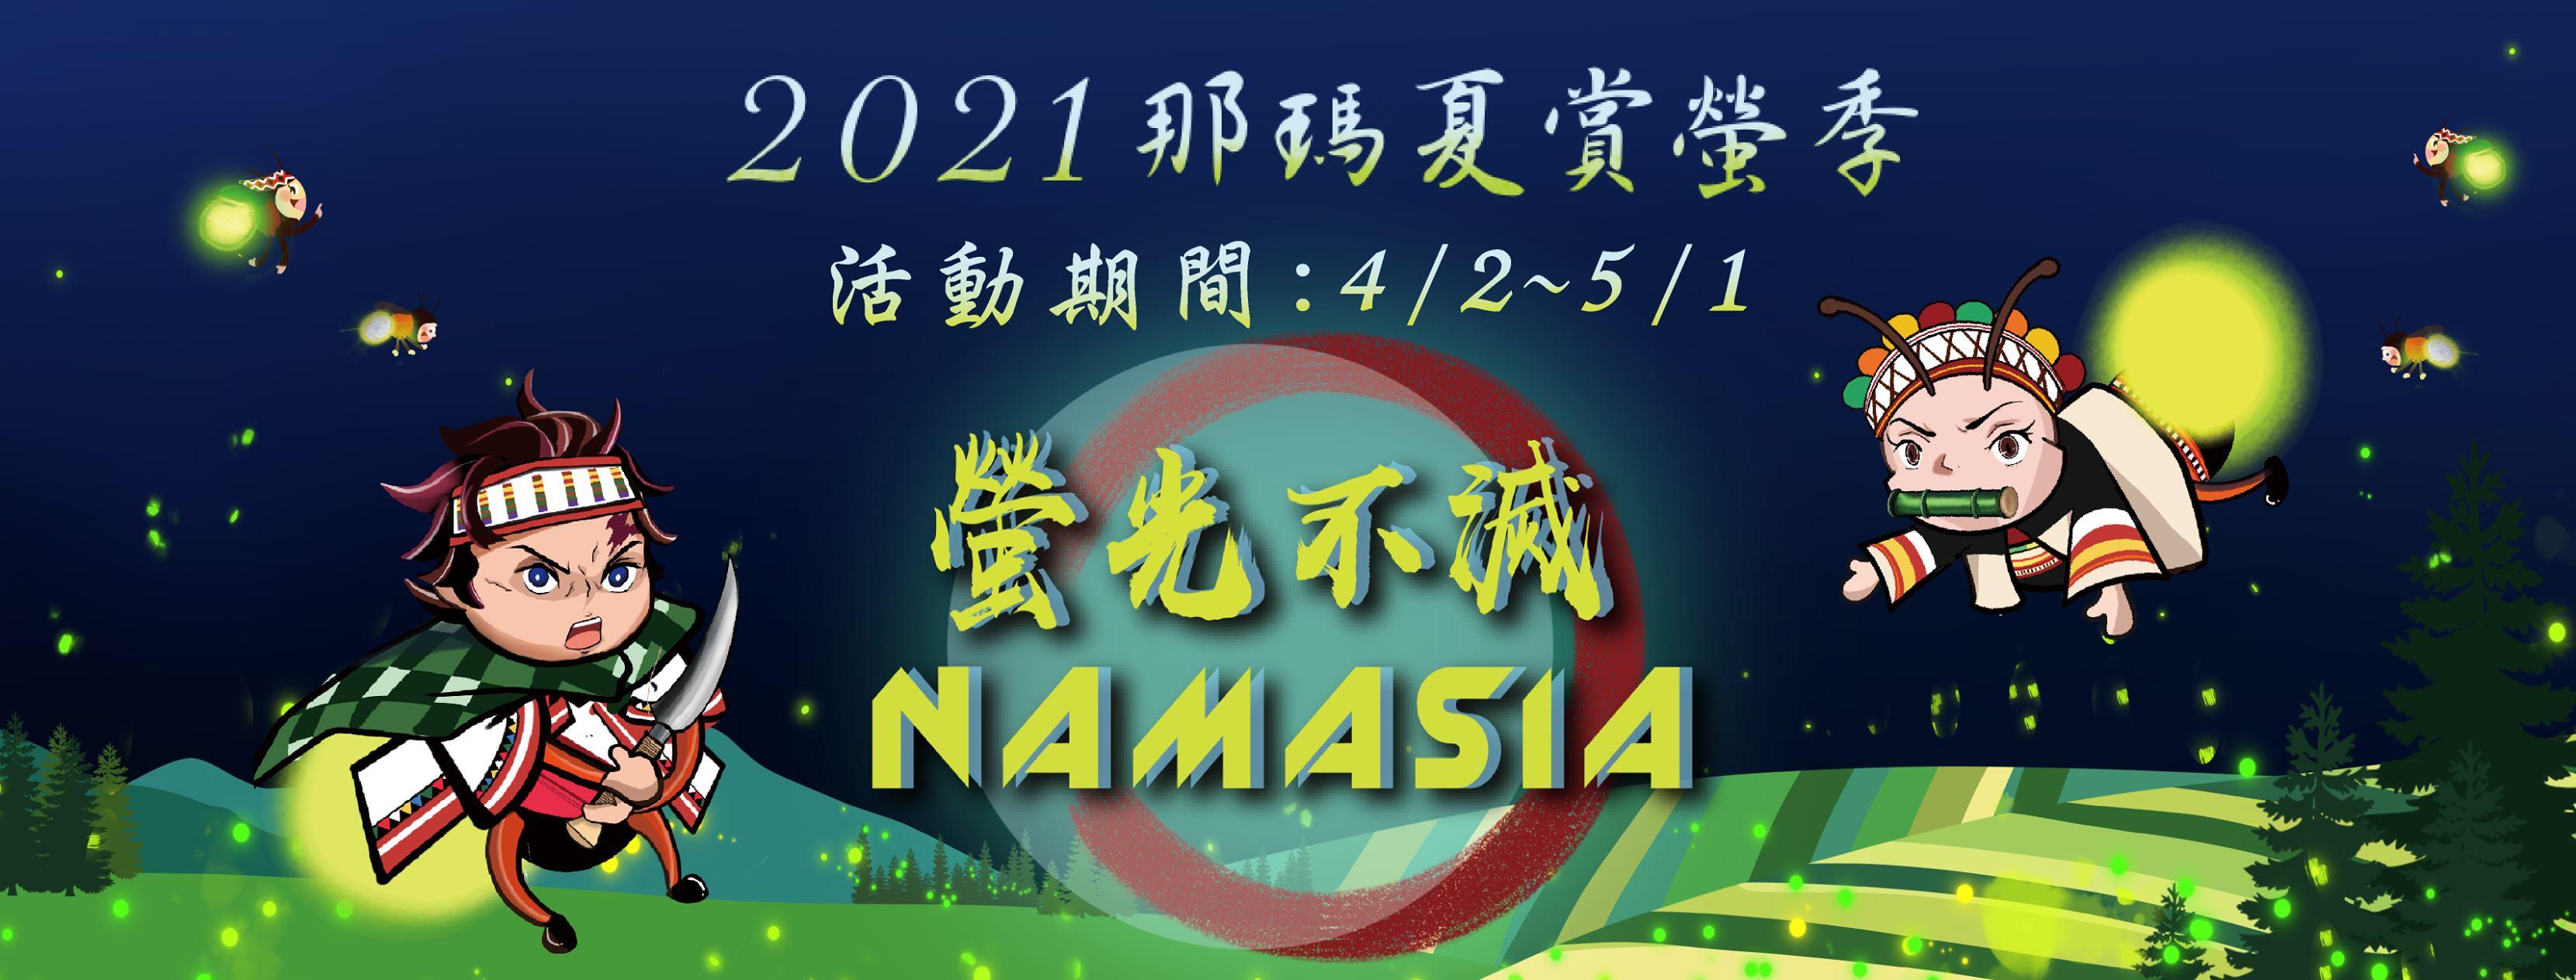 2021螢光不滅 那瑪夏賞螢季療癒登場